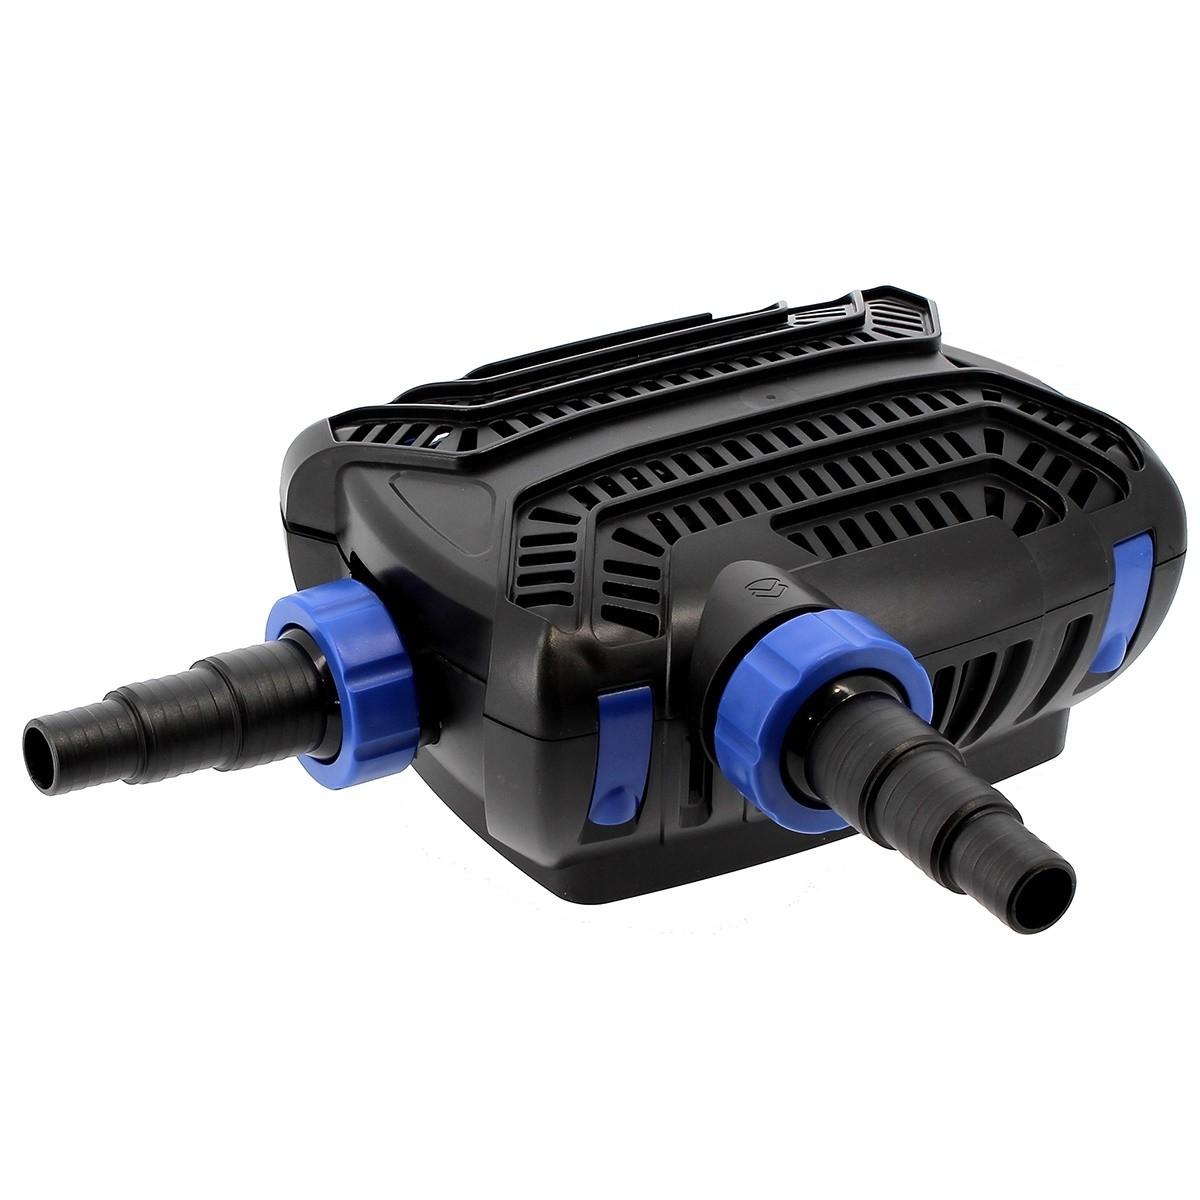 Pompe de bassin 10 W - Débit max 3000 litres/heure